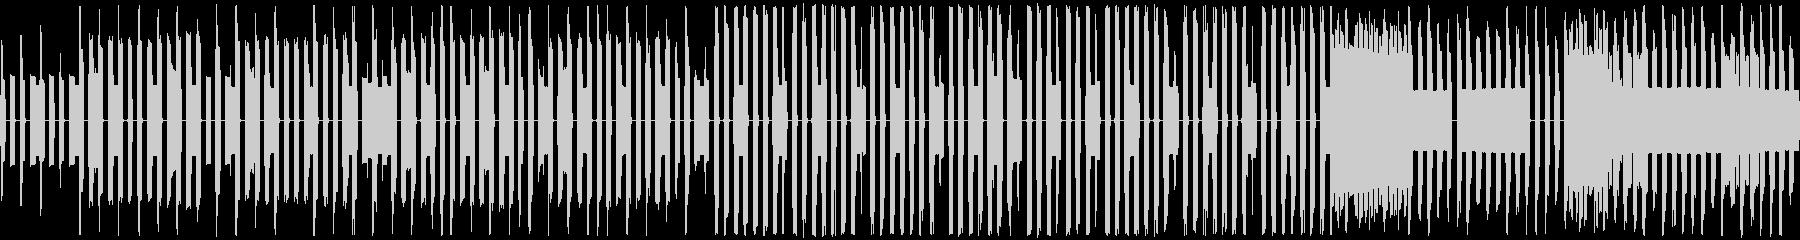 のんびりほのぼのチップチューンサウンドの未再生の波形